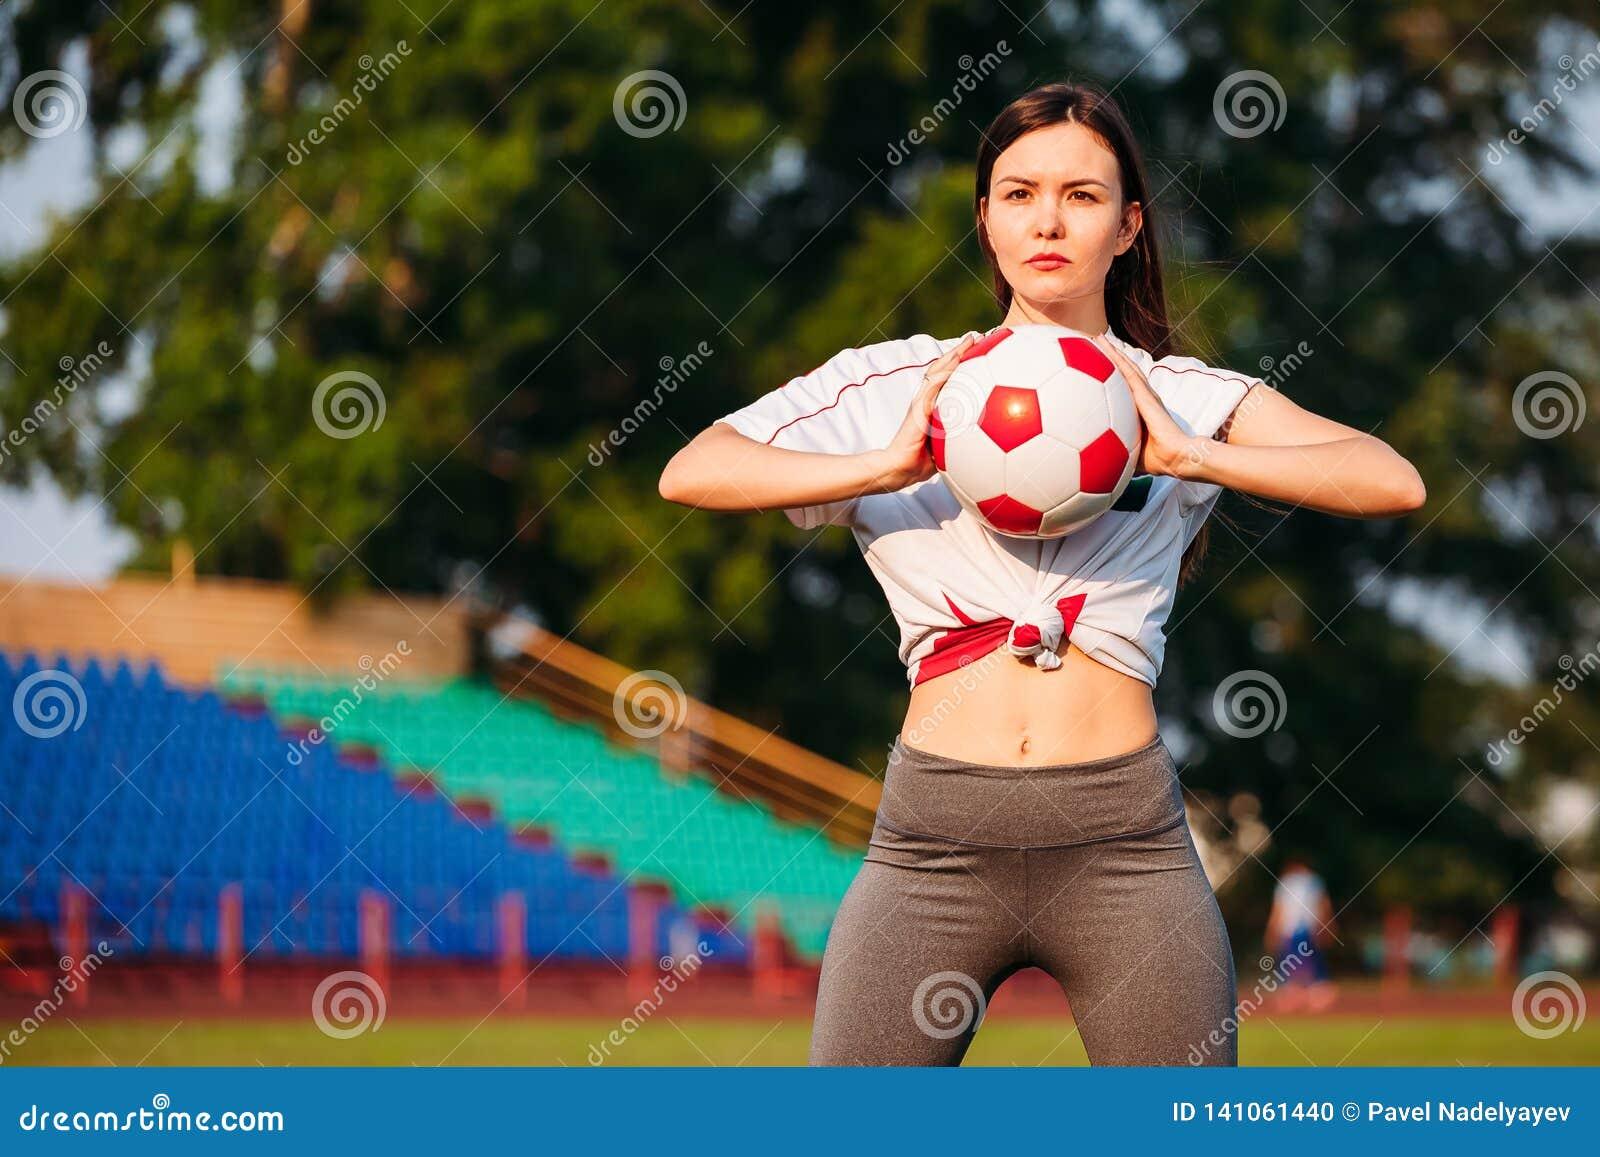 Frau mit Fußball in ihren Händen auf Fußballplatz auf Hintergrund von Ständen